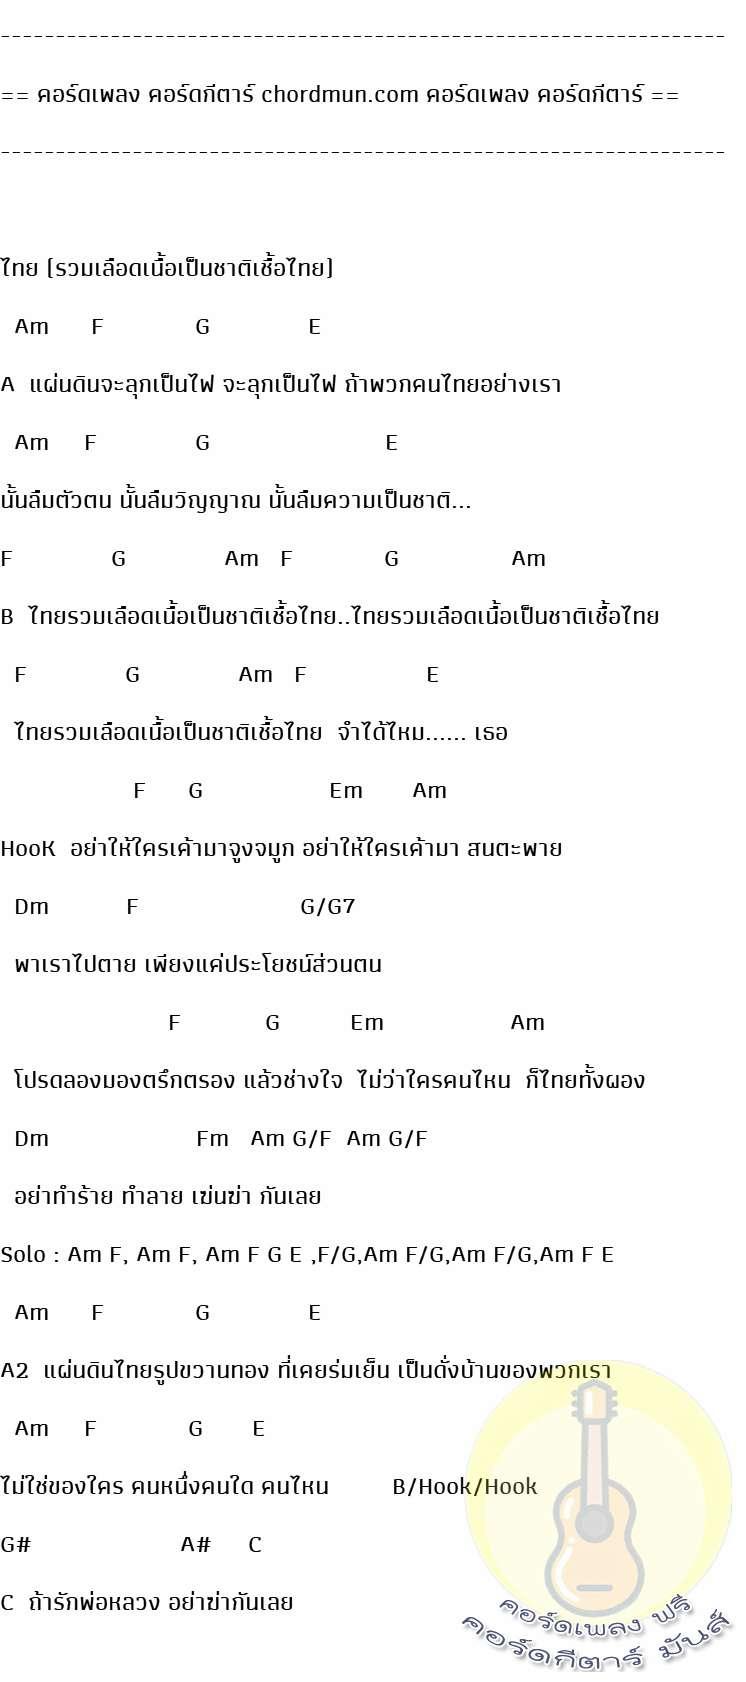 คอร์ดกีต้า  เพลง ไทย (รวมเลือดเนื้อเป็นชาติเชื้อไทย)